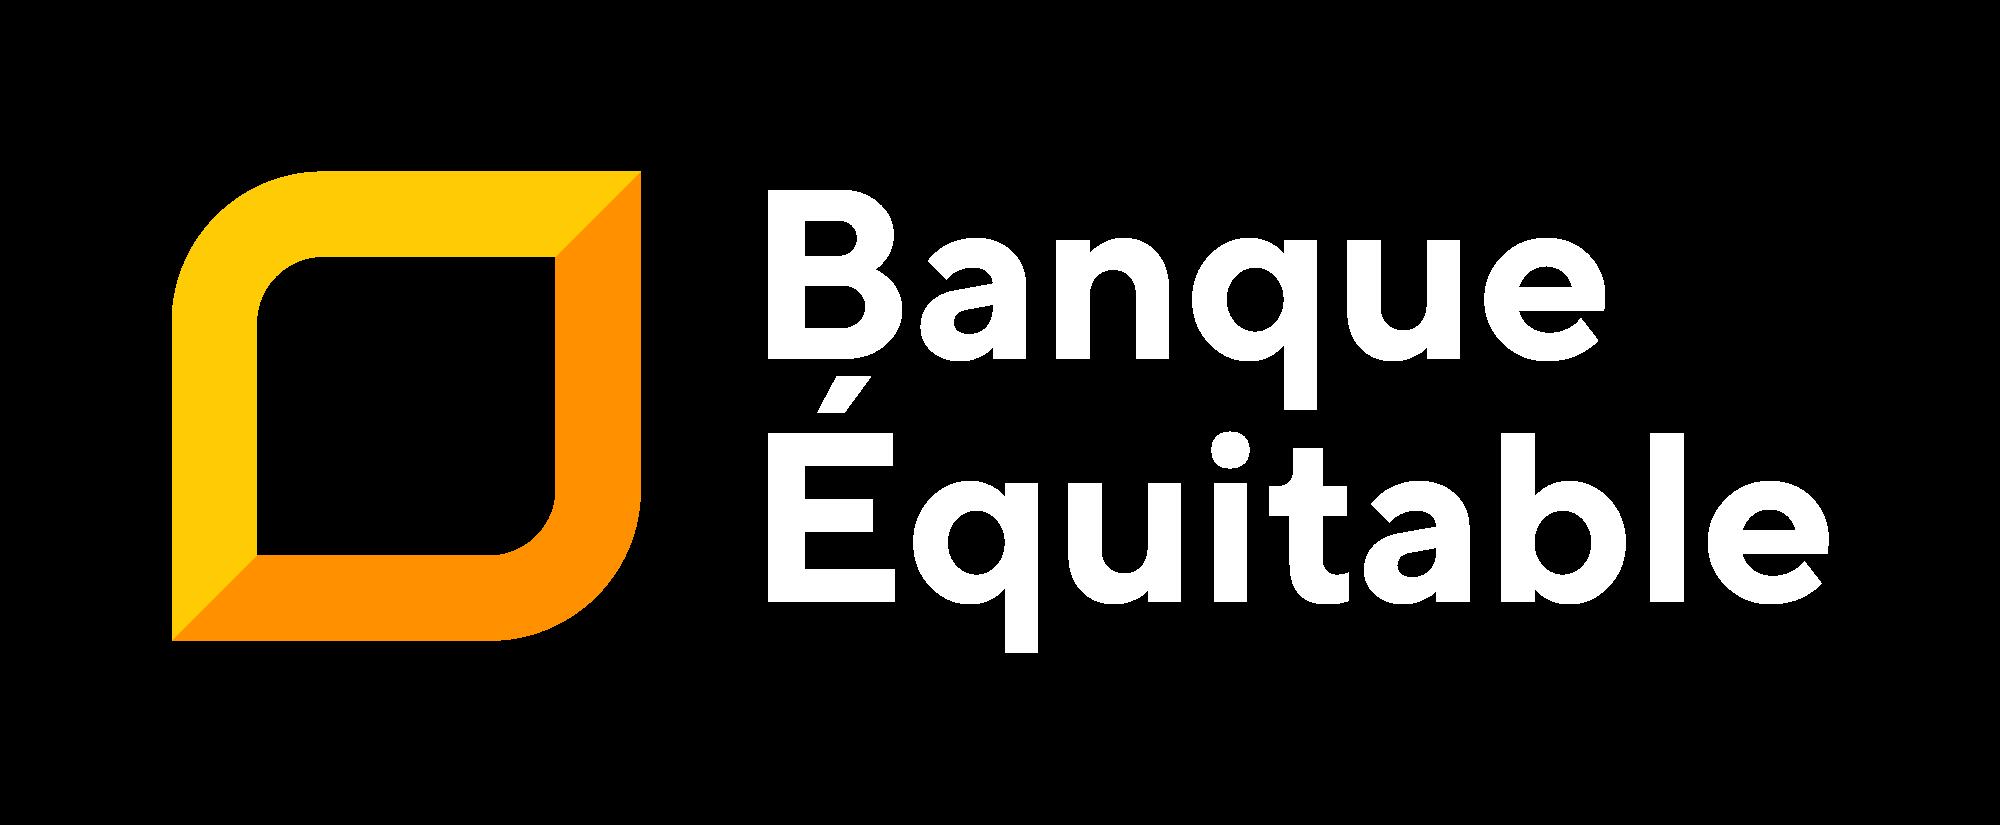 Banque Équitable